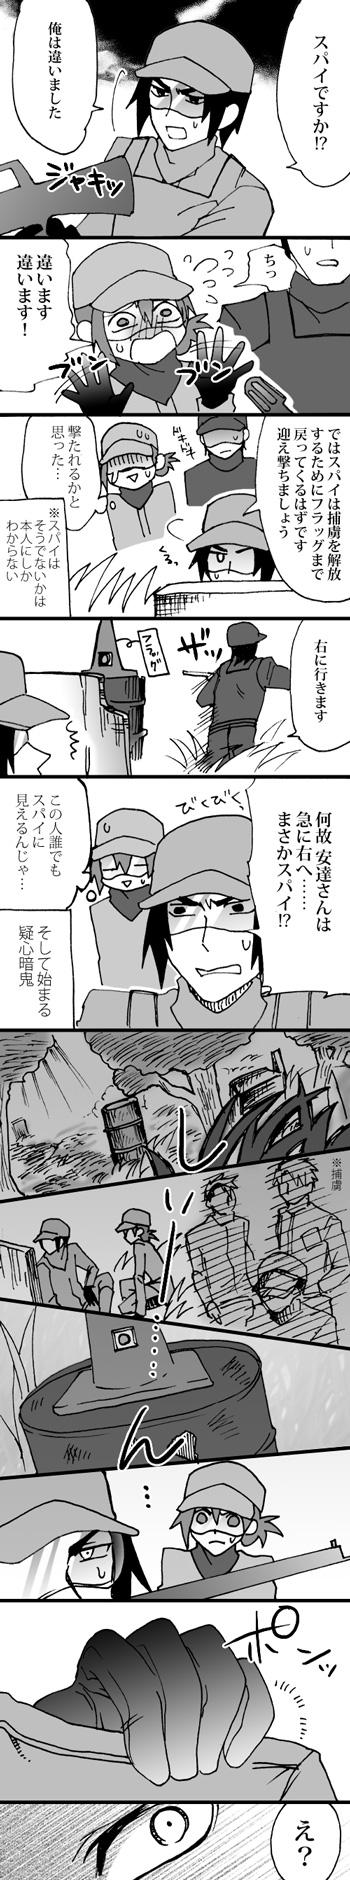 スパイ戦4